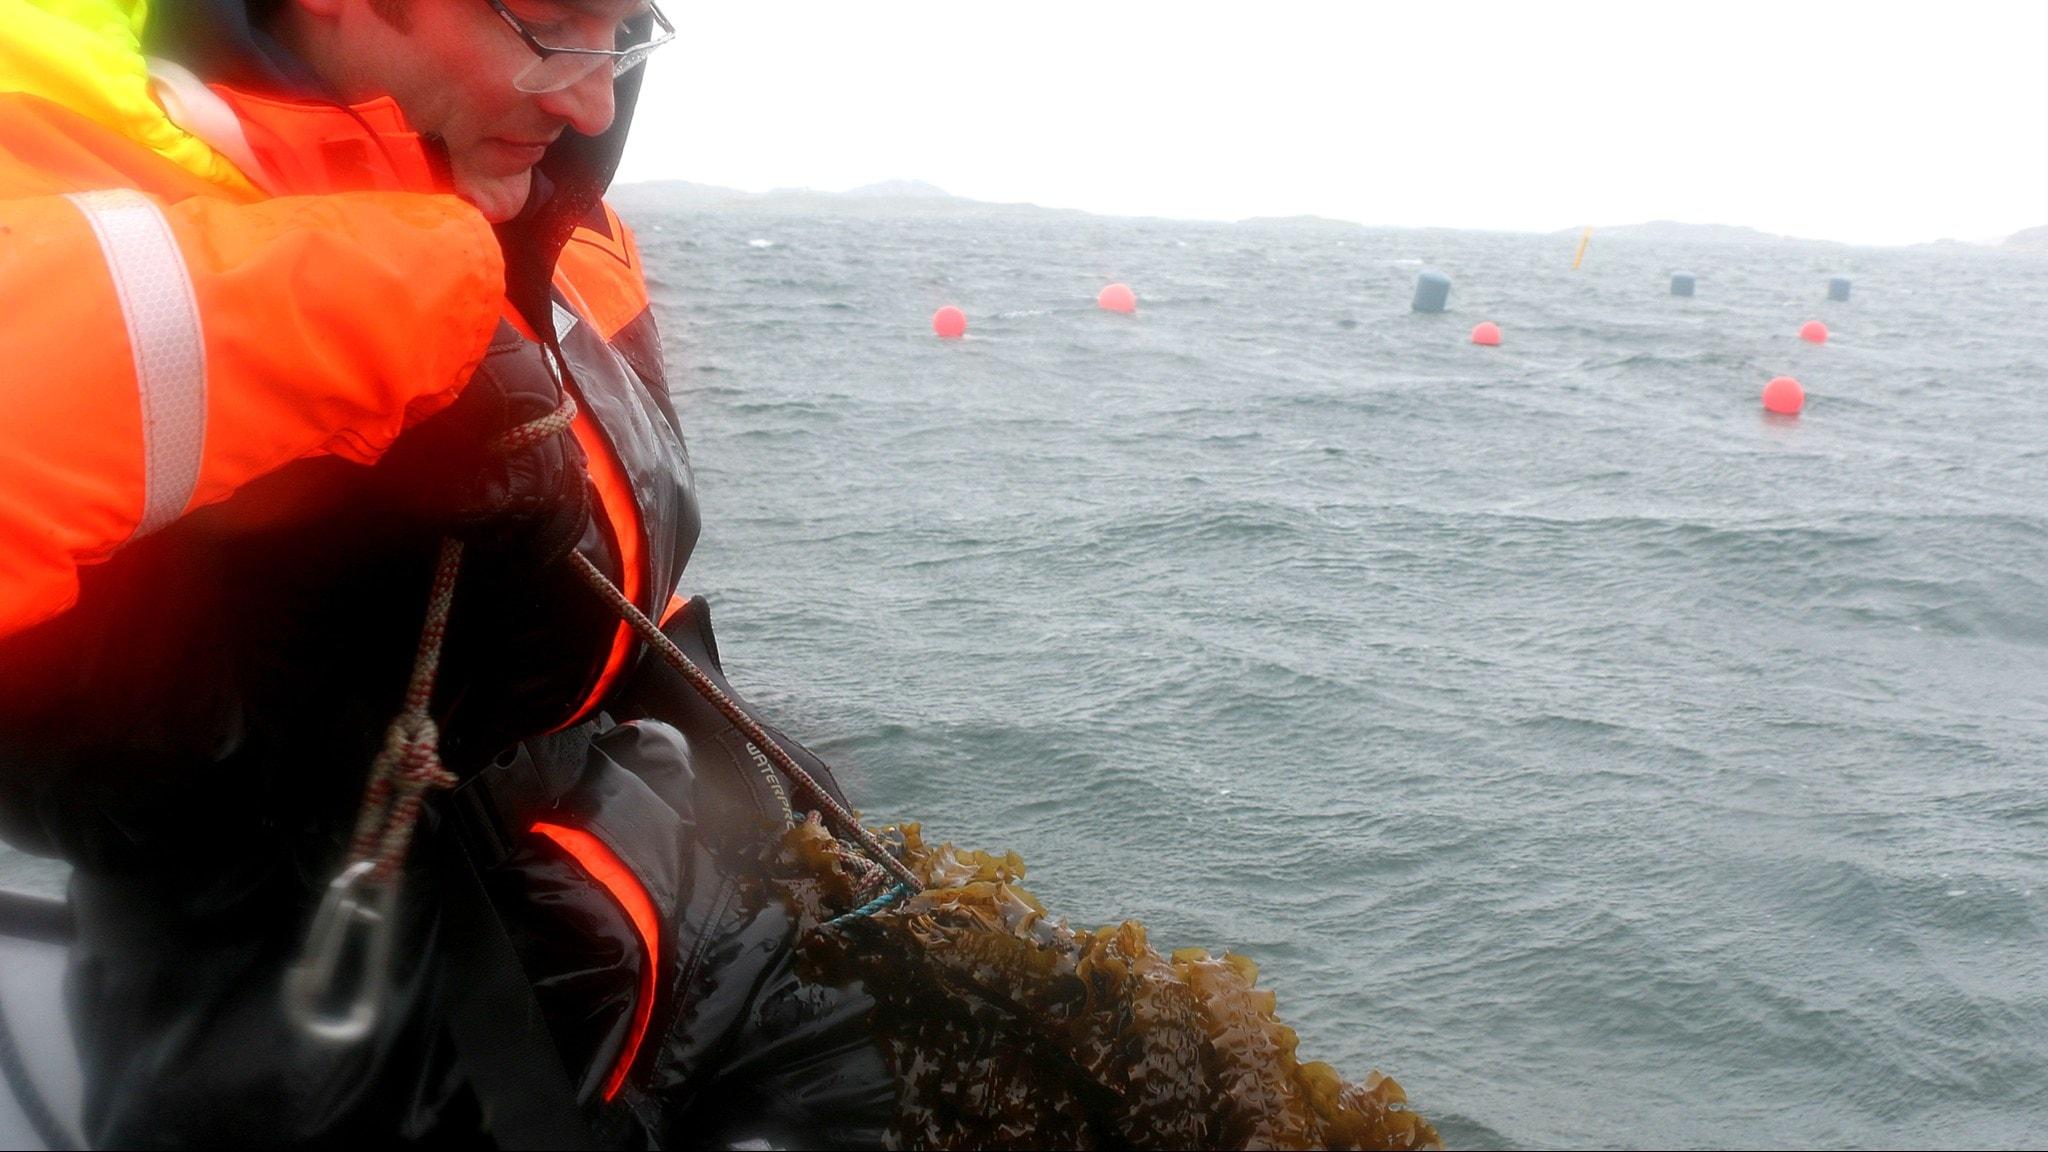 hav i bakgrunden, man halar rep med massa alger över reling